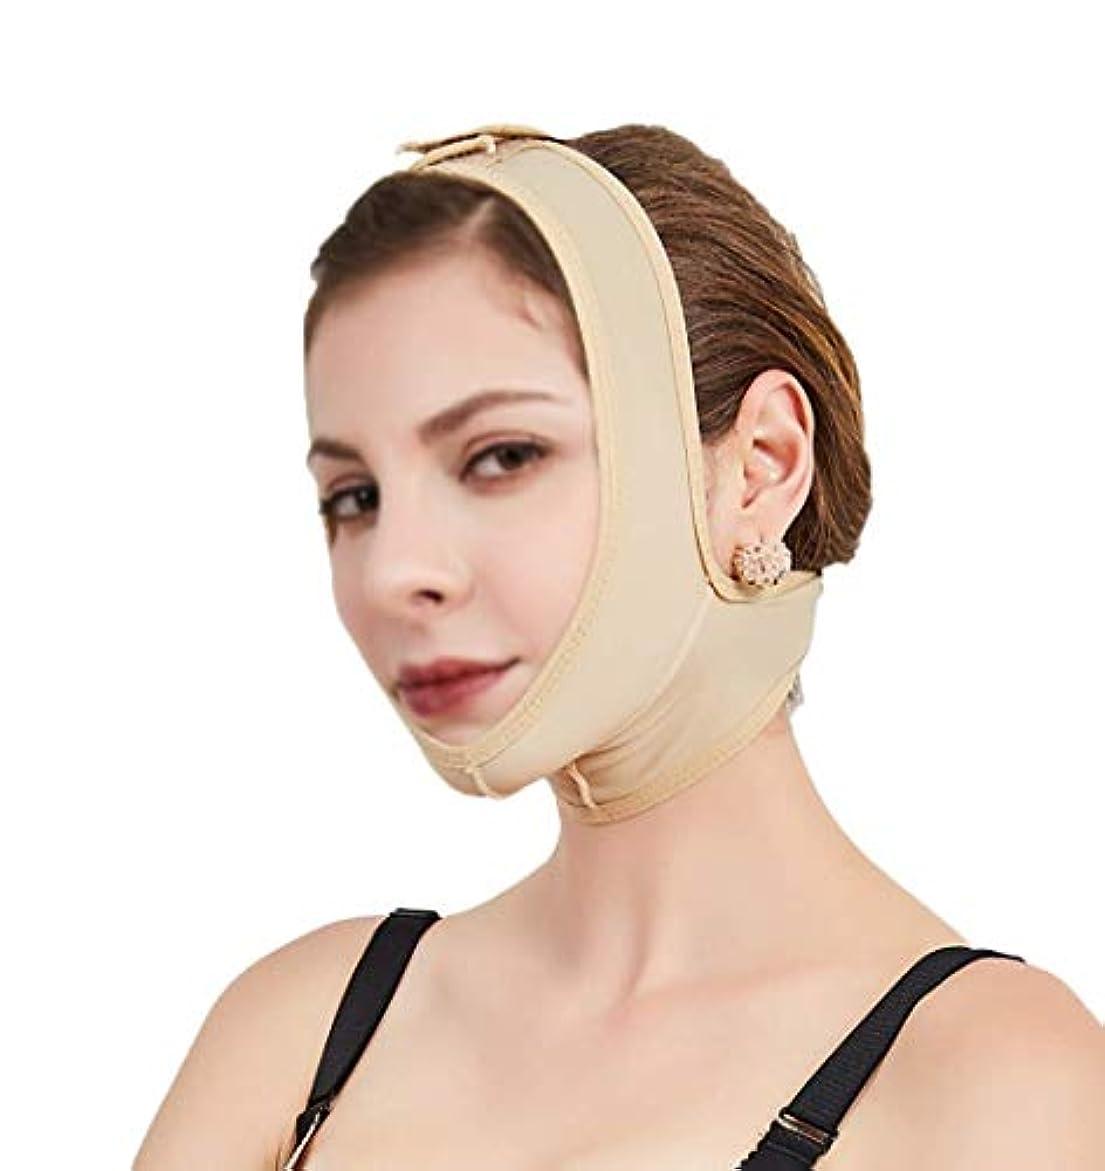 火薬知り合い入場料フェイスアンドネックリフトポストエラスティックスリーブ下顎骨セットフェイスアーティファクトVフェイスフェイシャルフェイスバンドルダブルチンマスク(サイズ:XS)